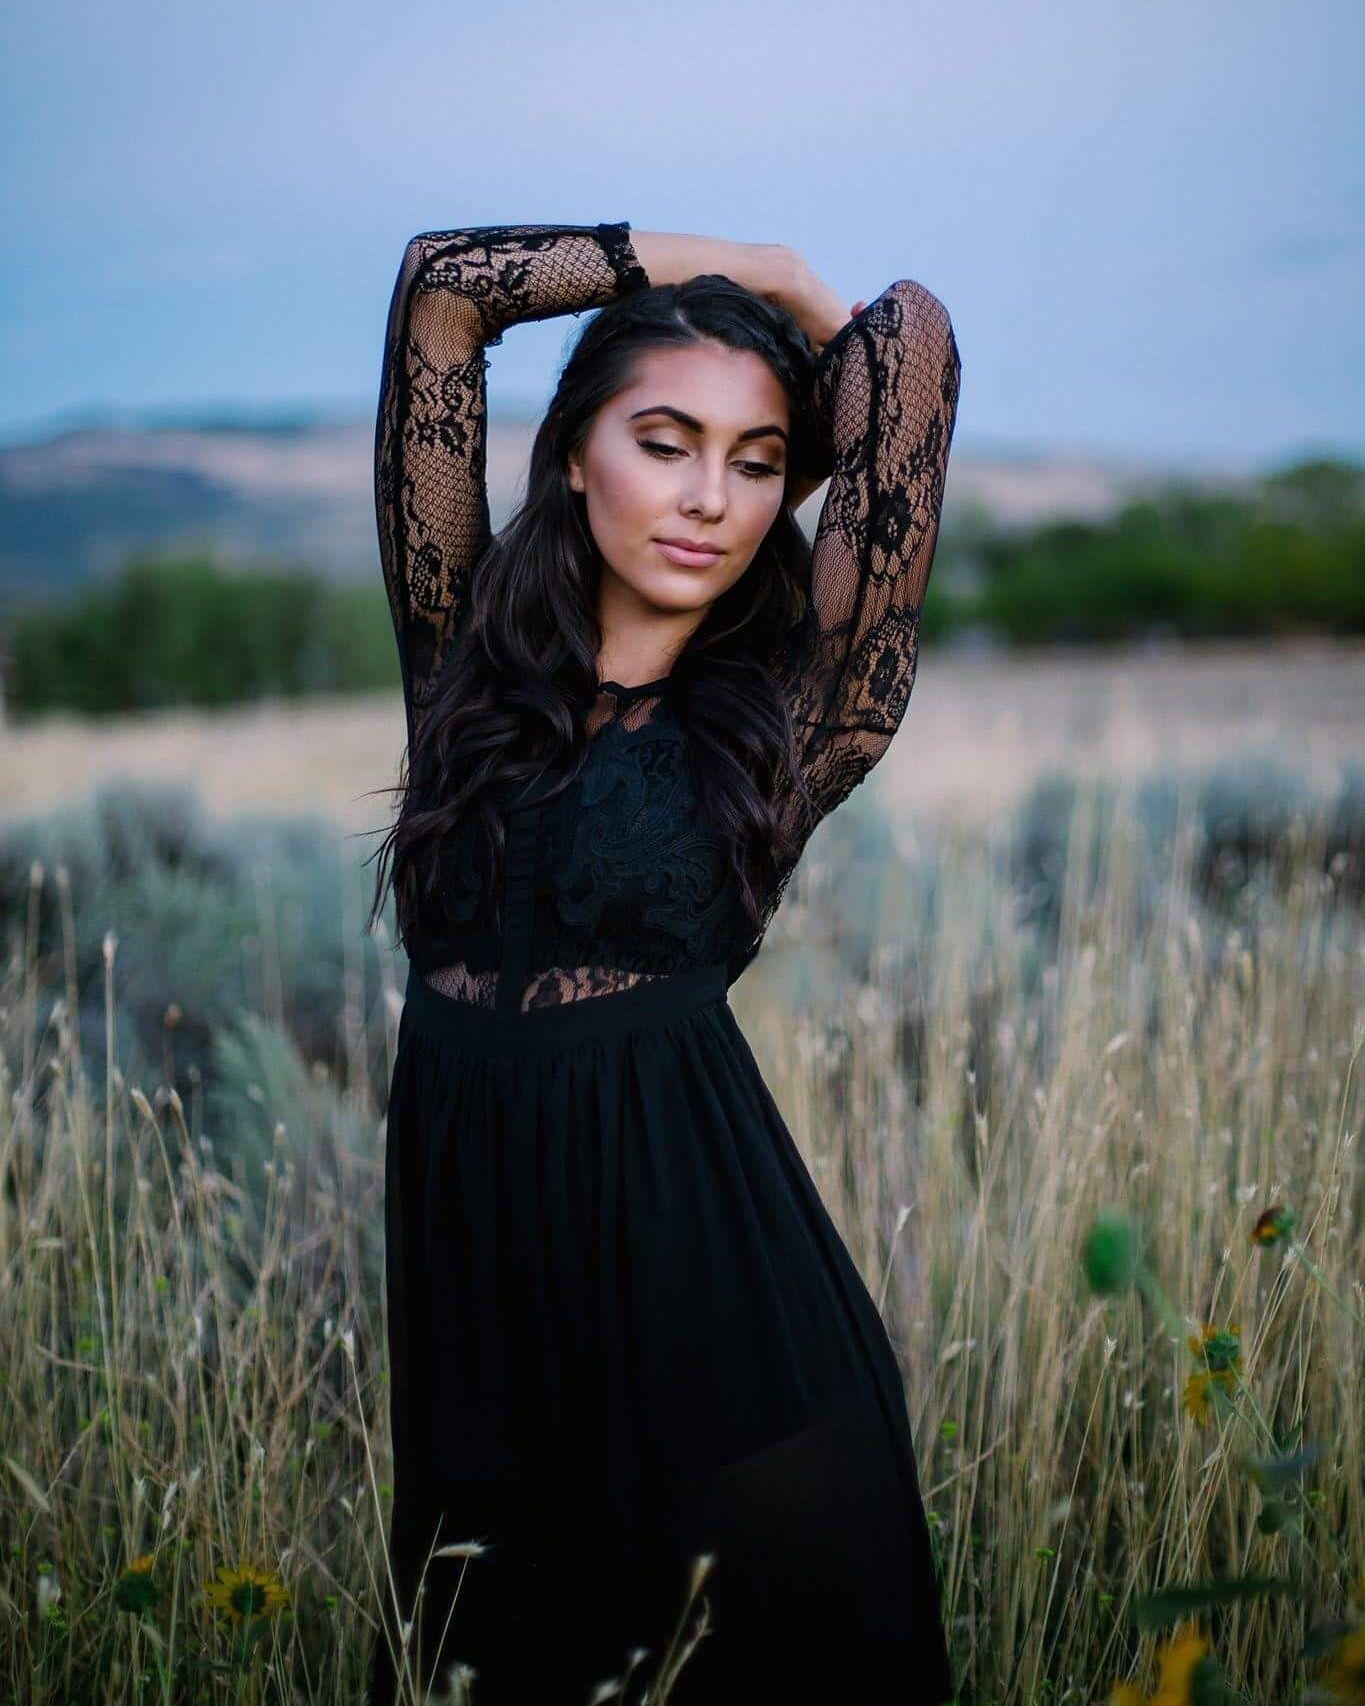 Black Lace Dress Photoshoot Tall Grass Field Dark Beauty Outdoor Photoshoot Dark Beauty Beauty Photoshoot [ 1706 x 1365 Pixel ]